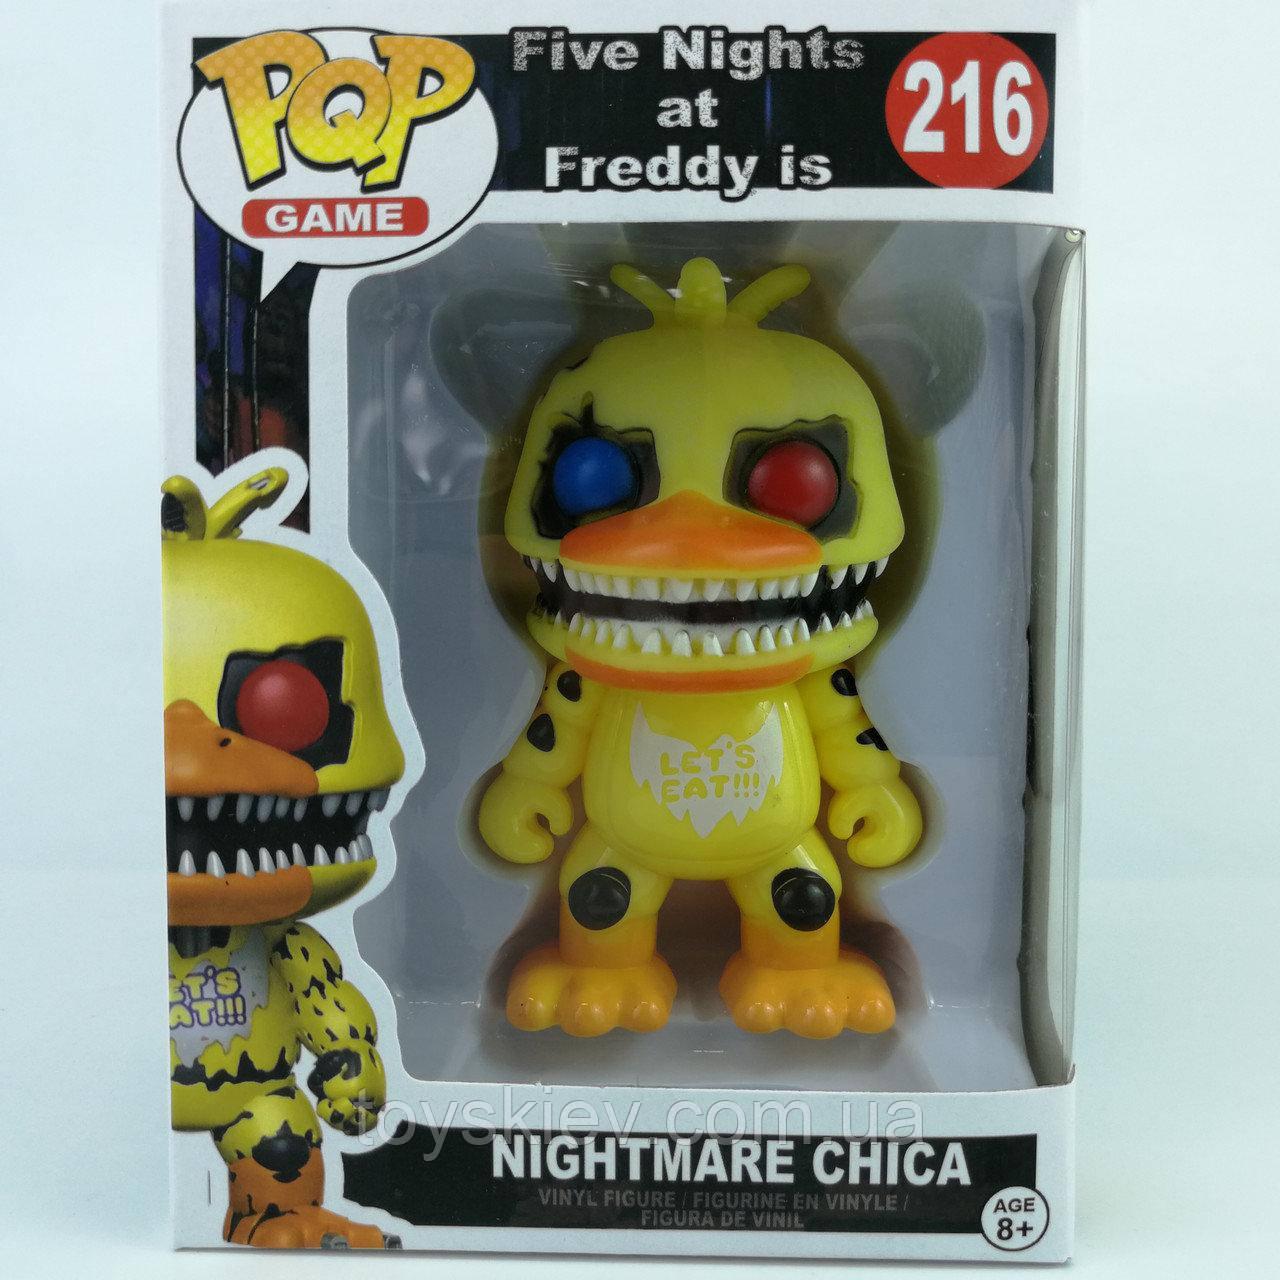 Фигурки 5 пять ночей с Фредди Кошмарный Чико Funko POP Games Five Nights at Freddy's аналог